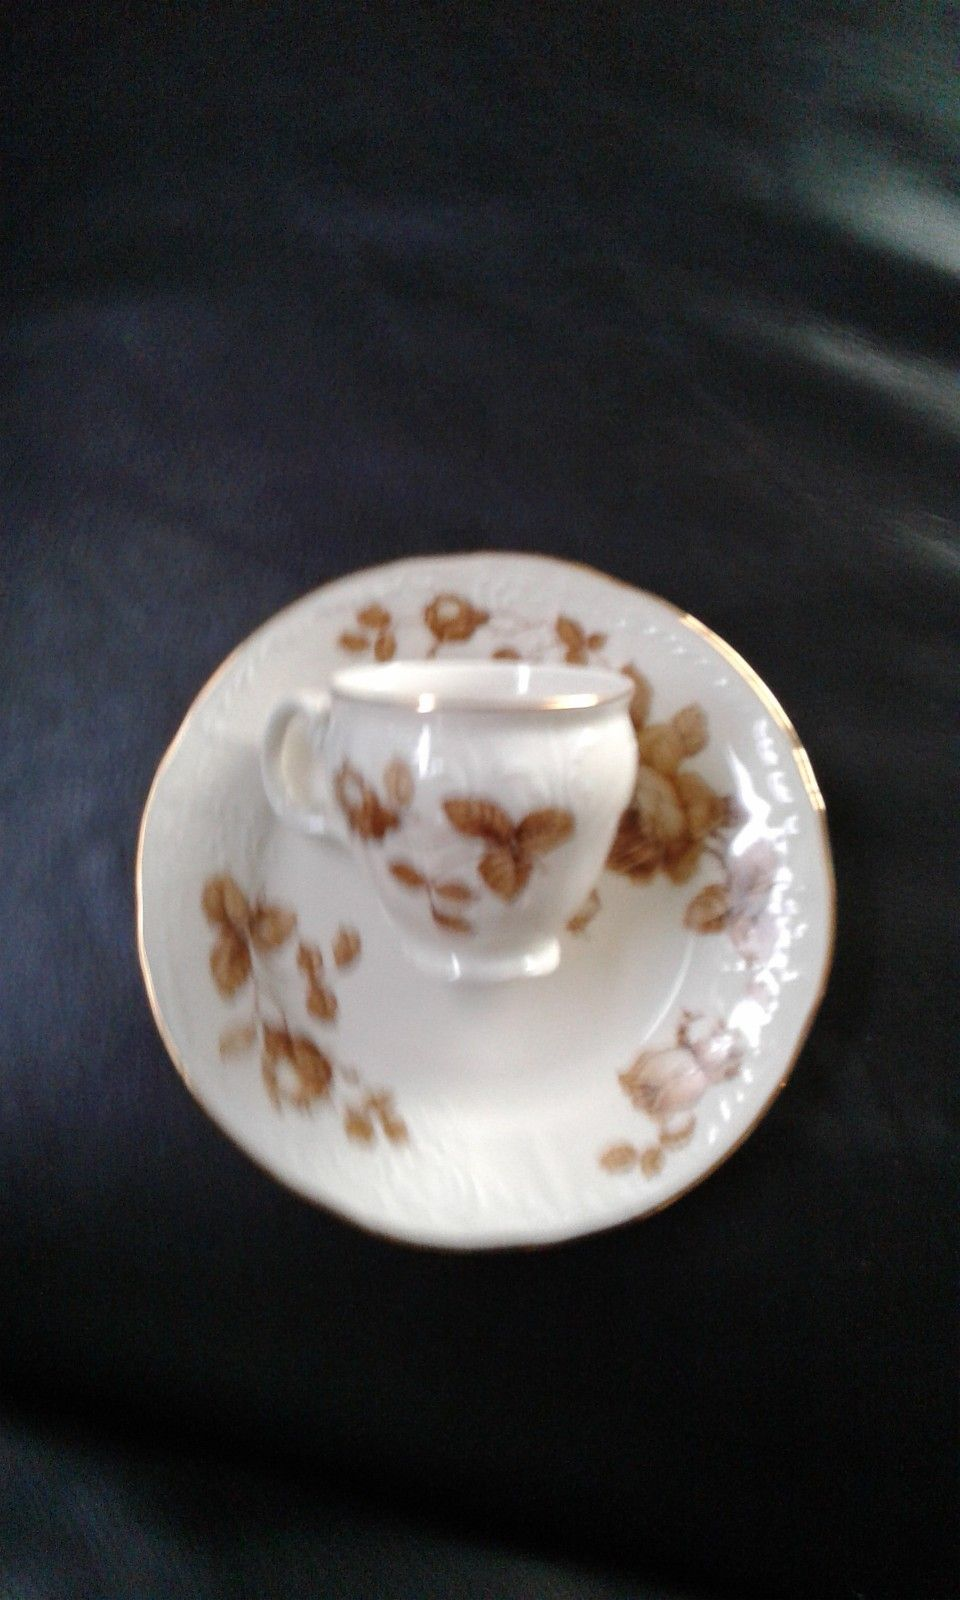 Nydelig kaffesett med gullkant - Hetlevik  - Bernadotte porselen fra tidl. Tjekkoslovakia. Har kaffe sett til 12. og middagssett til 12.  Kr 1000 for begge sett. - Hetlevik